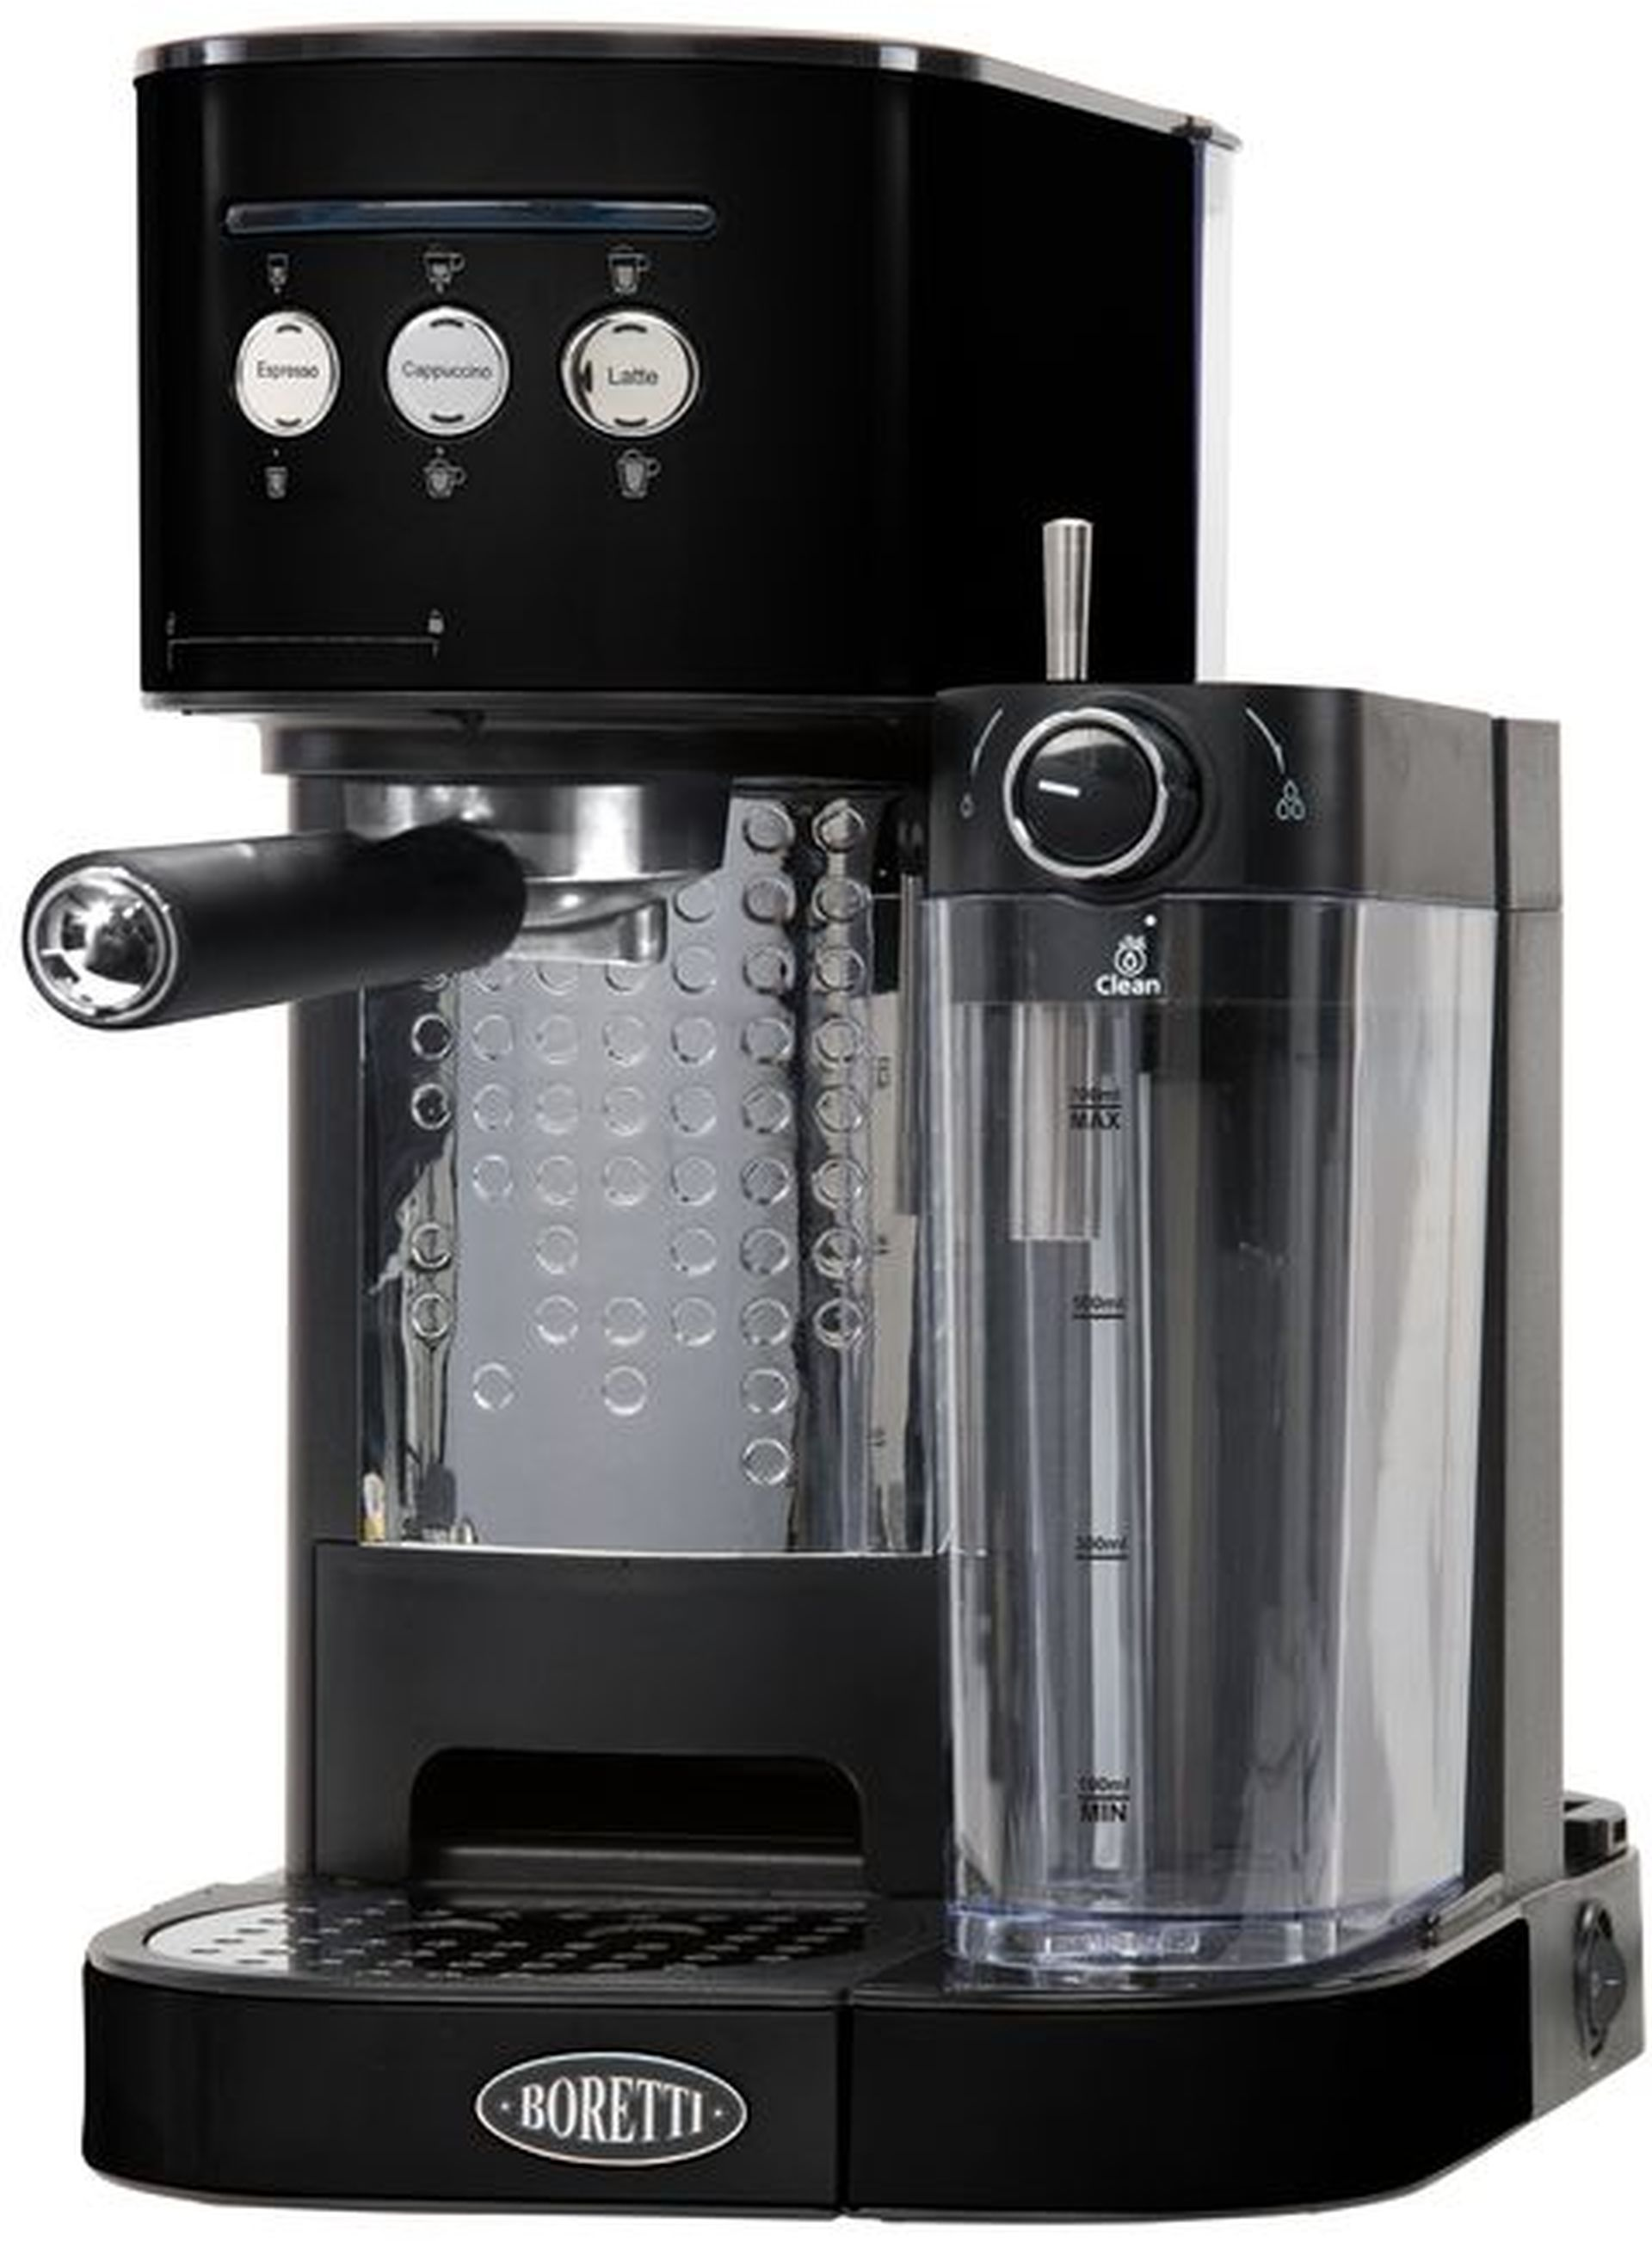 Boretti Espresso kávovar pákový 1470 W, černý B400